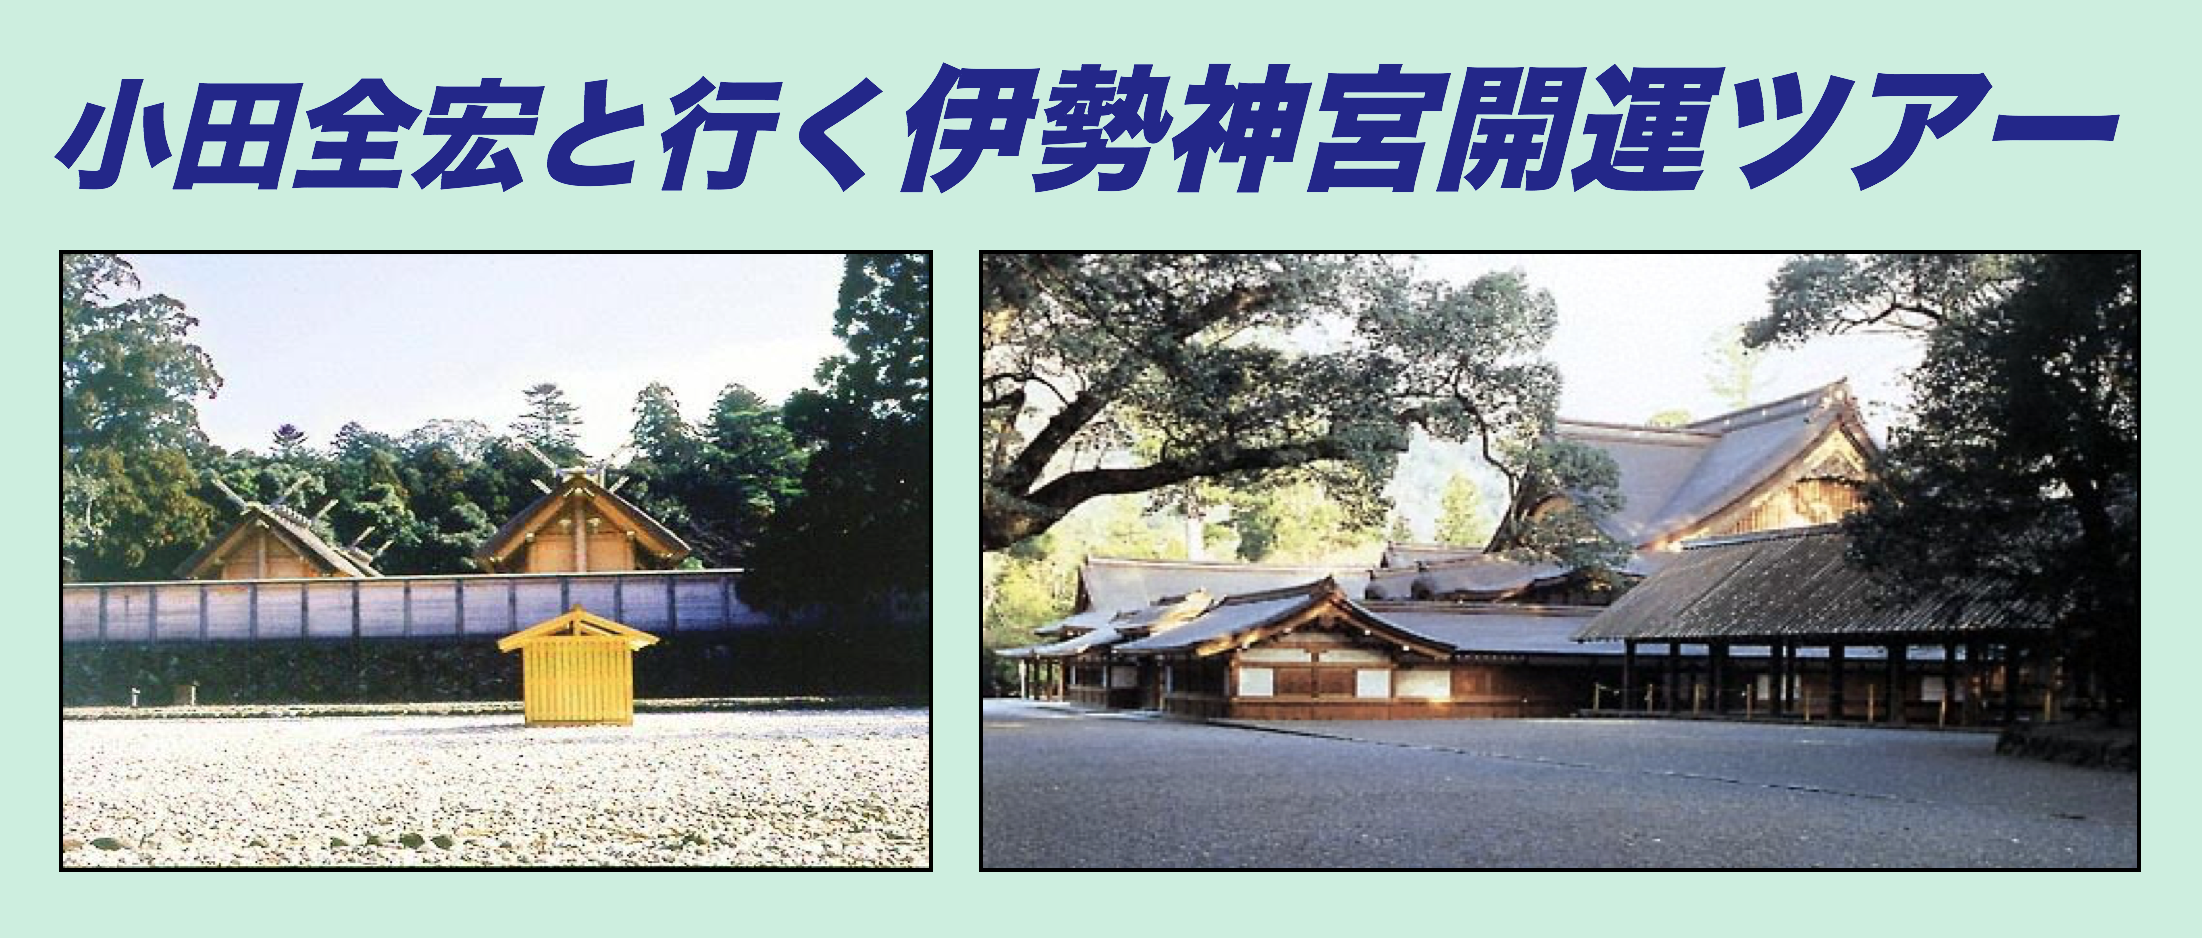 小田全宏と行く伊勢神宮開運ツアー2017年12月